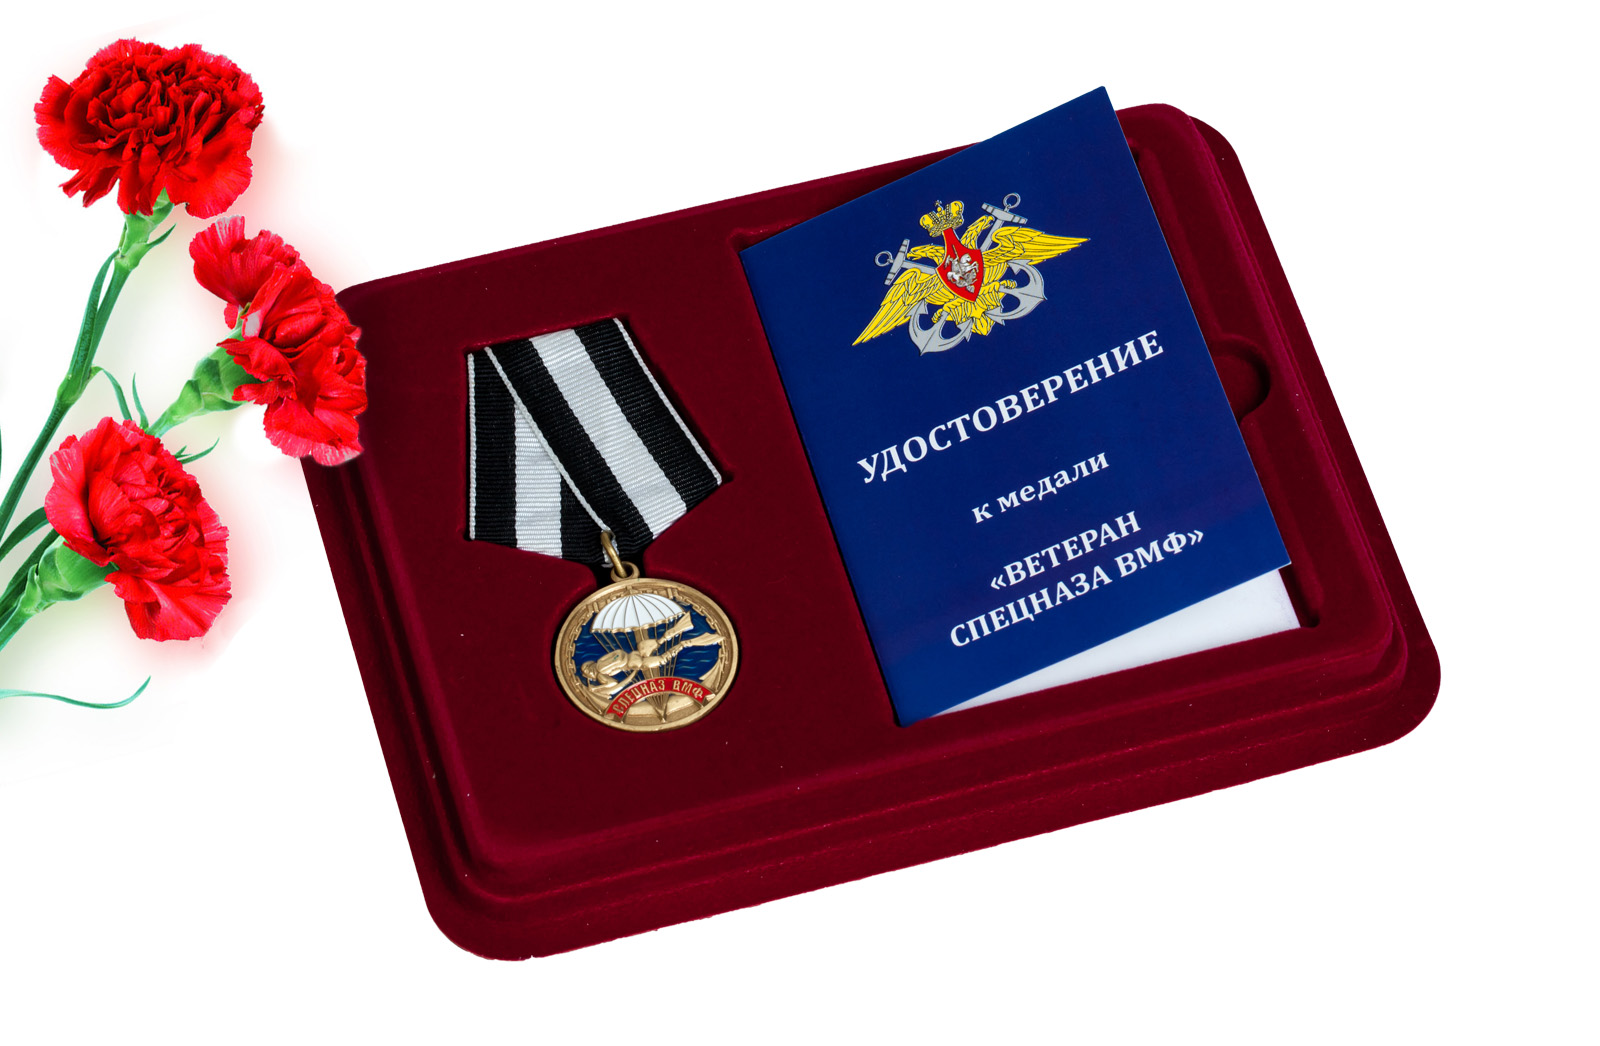 Купить медаль Ветеран Спецназа ВМФ в подарок мужчине